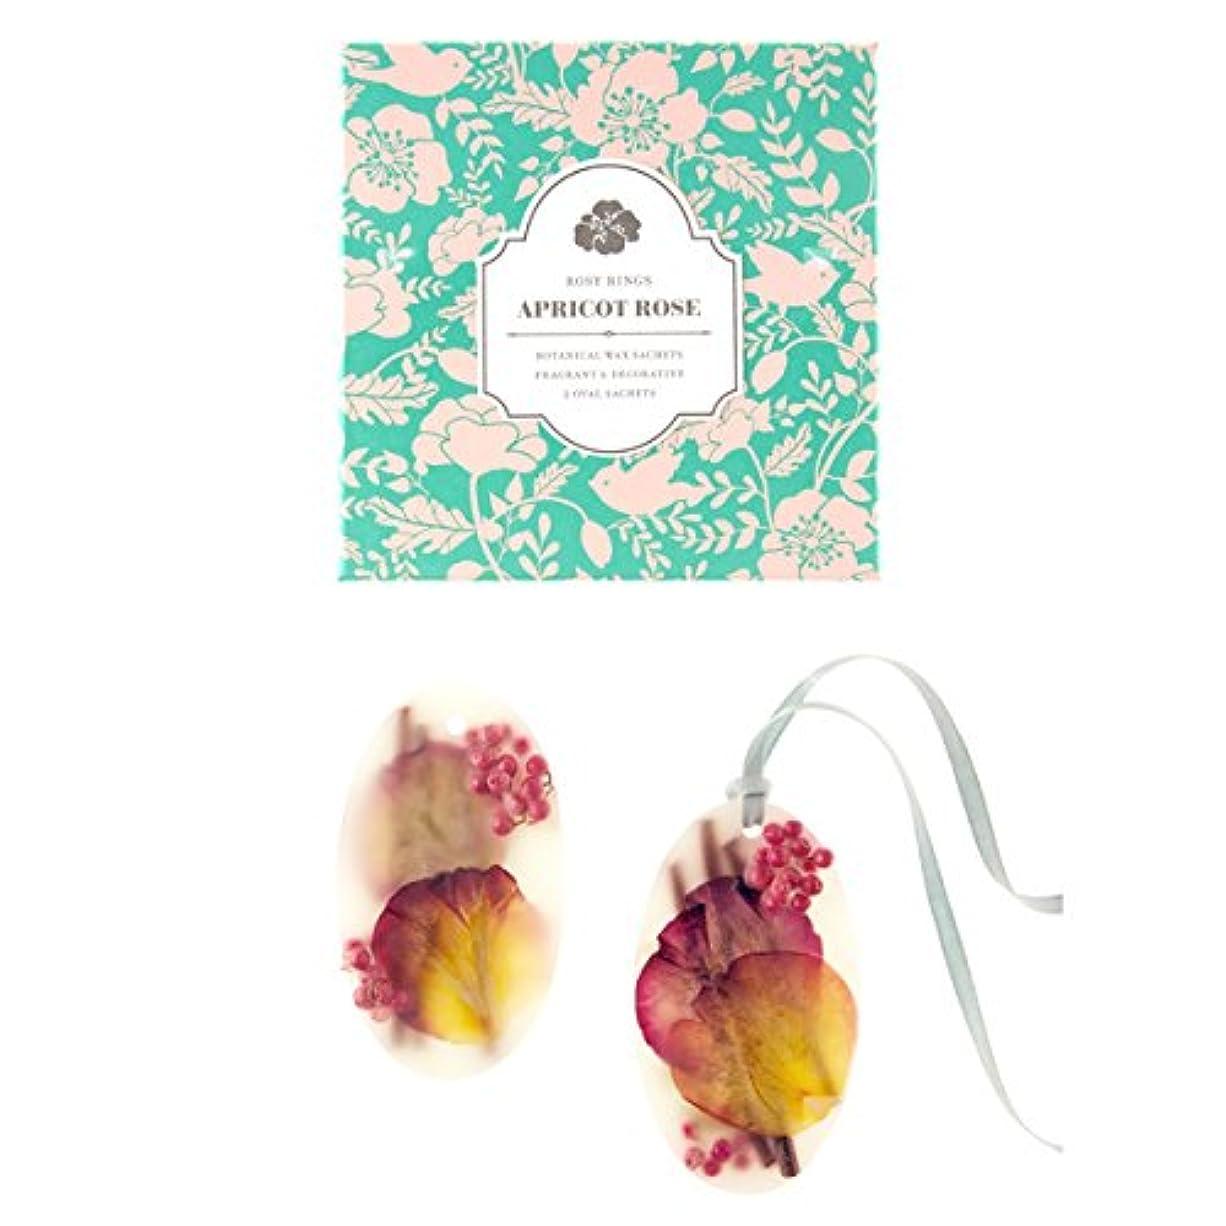 避けるカポック神経障害ロージーリングス ボタニカルワックスサシェ オーバル アプリコット&ローズ ROSY RINGS Signature Collection Botanical Wax Sachets – Apricot Rose